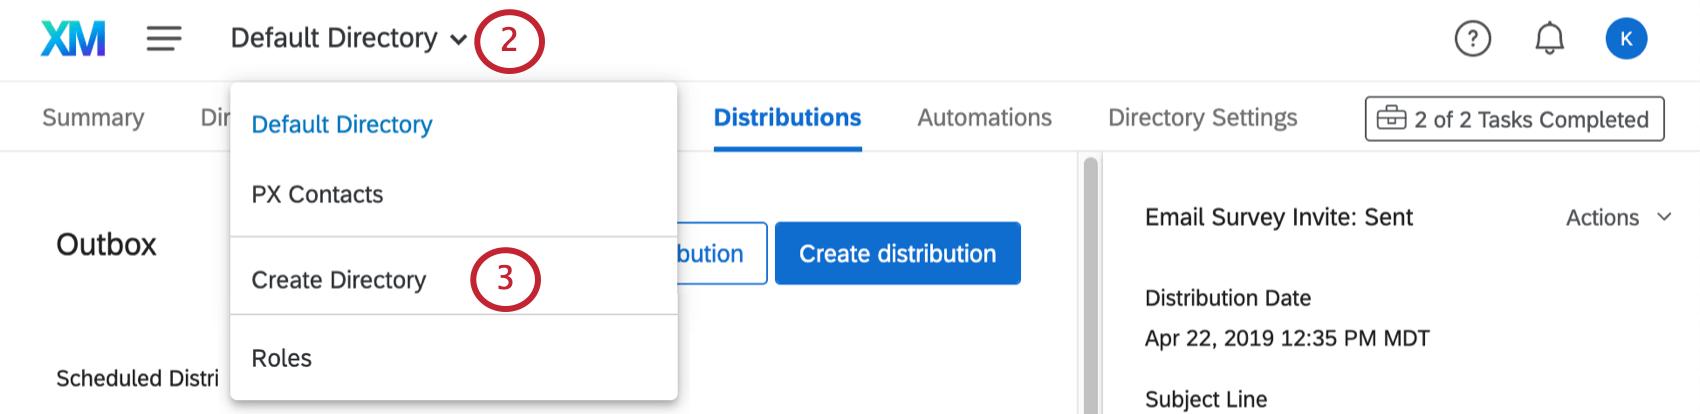 Cliquer sur la barre d'outils en haut à gauche et sélectionner la dernière option, Créer un répertoire en bleu